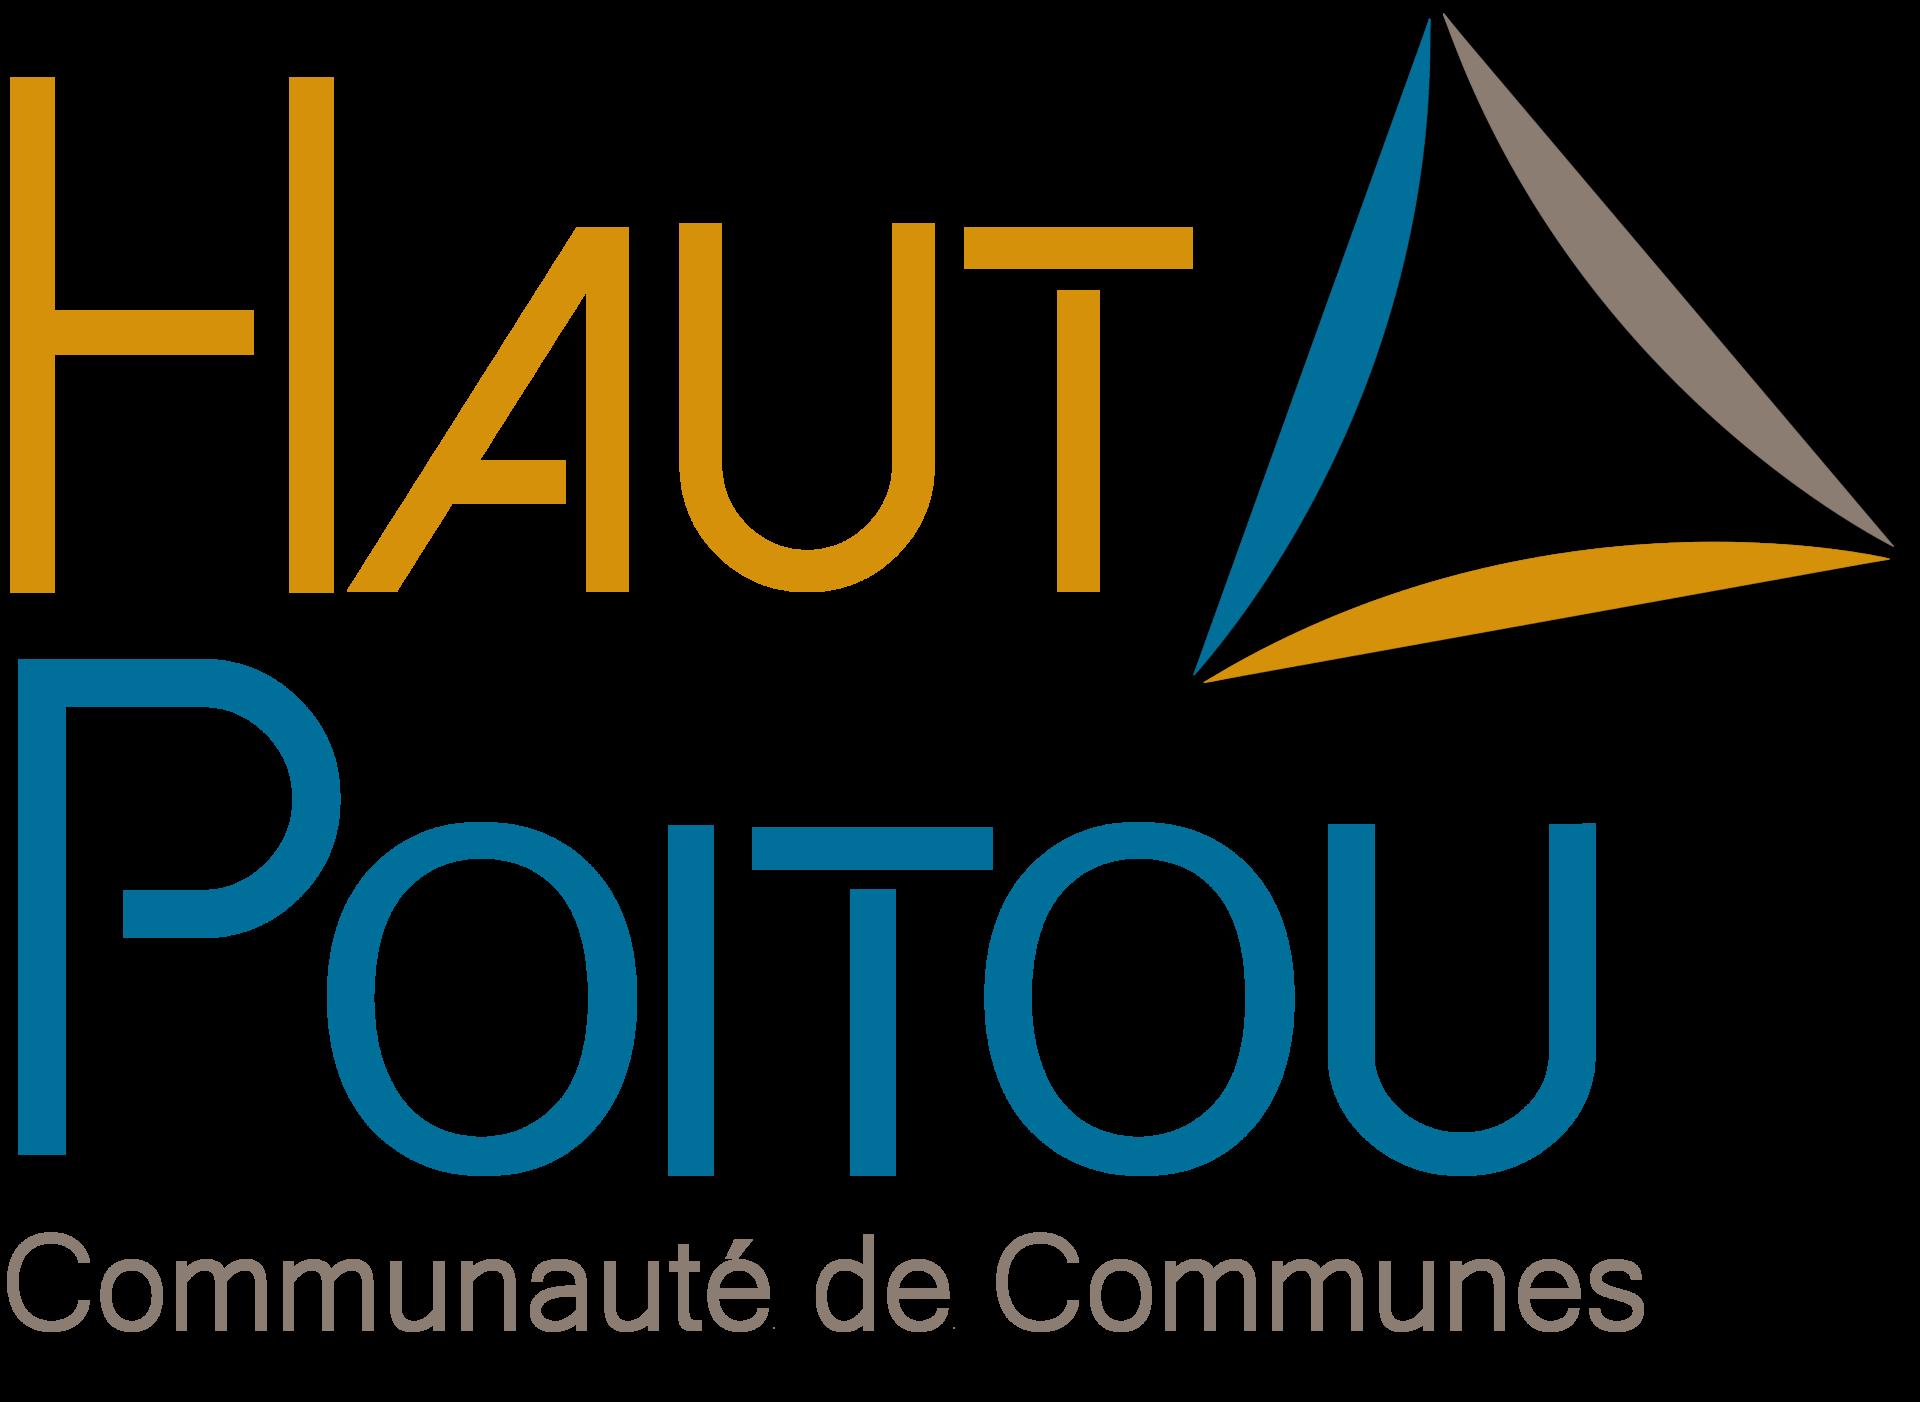 CC du Haut Poitou